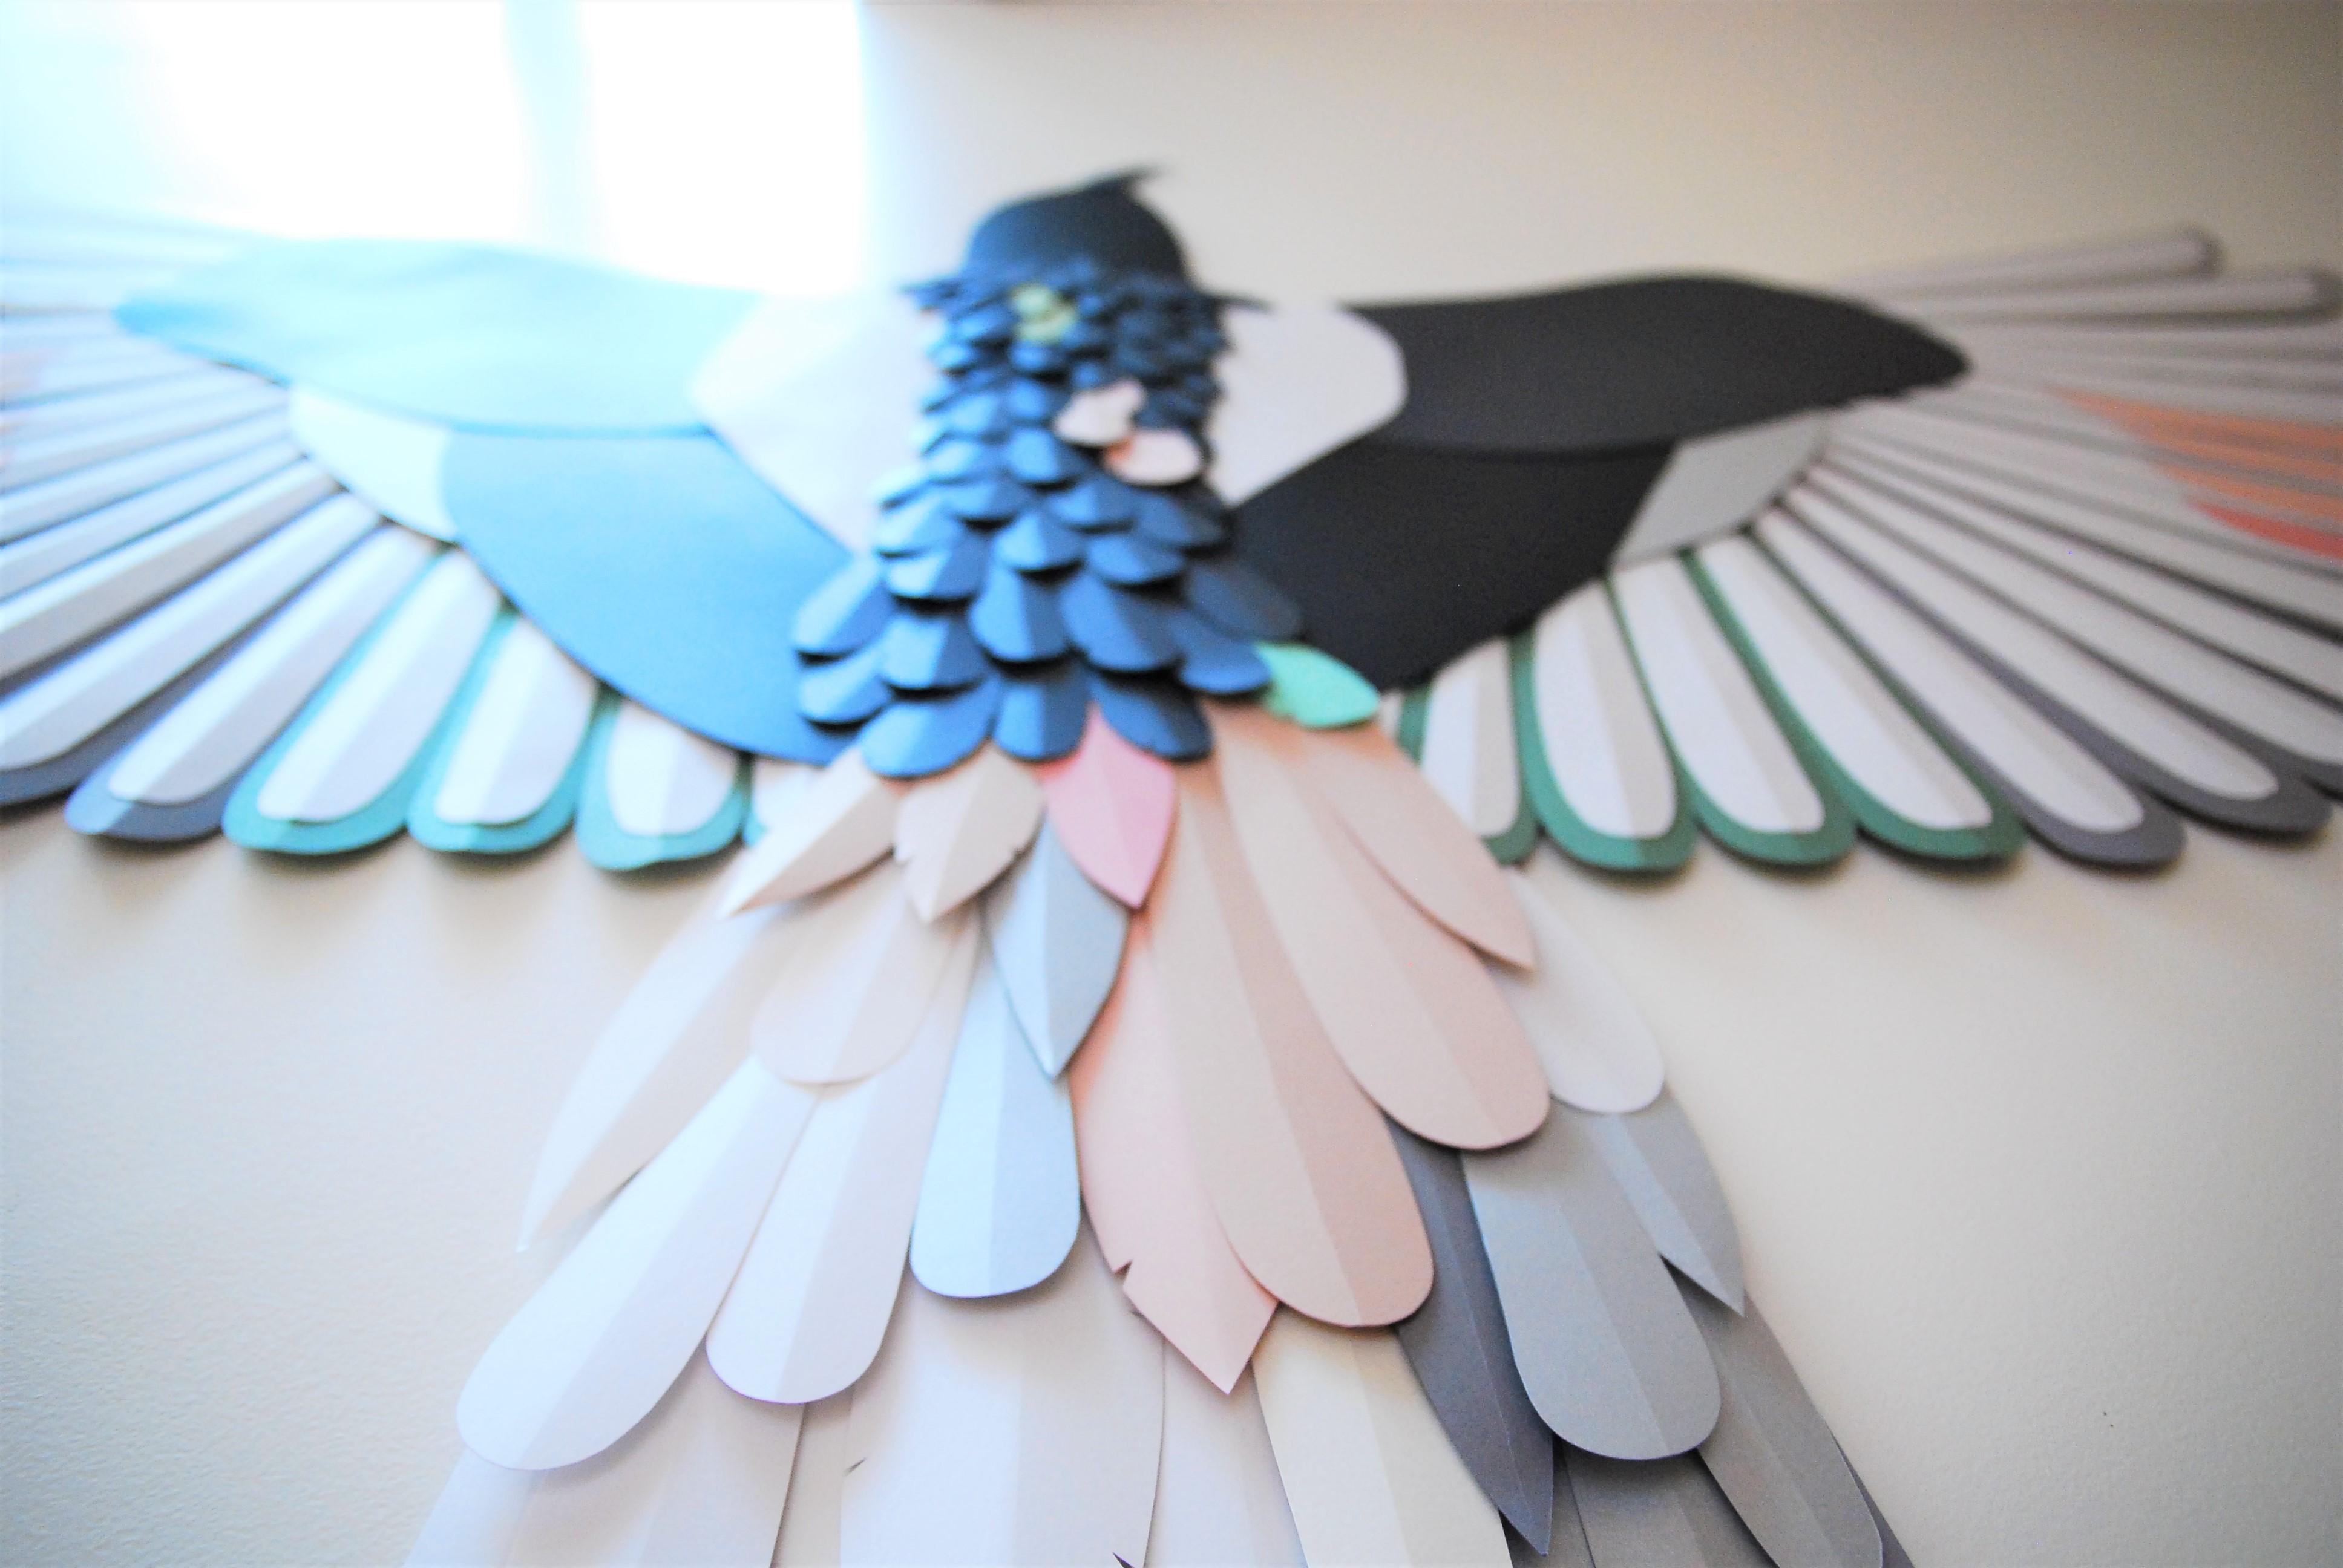 photographie-Oiseau-flouté-paper-art-plumes-Laure-Devenelle-2020